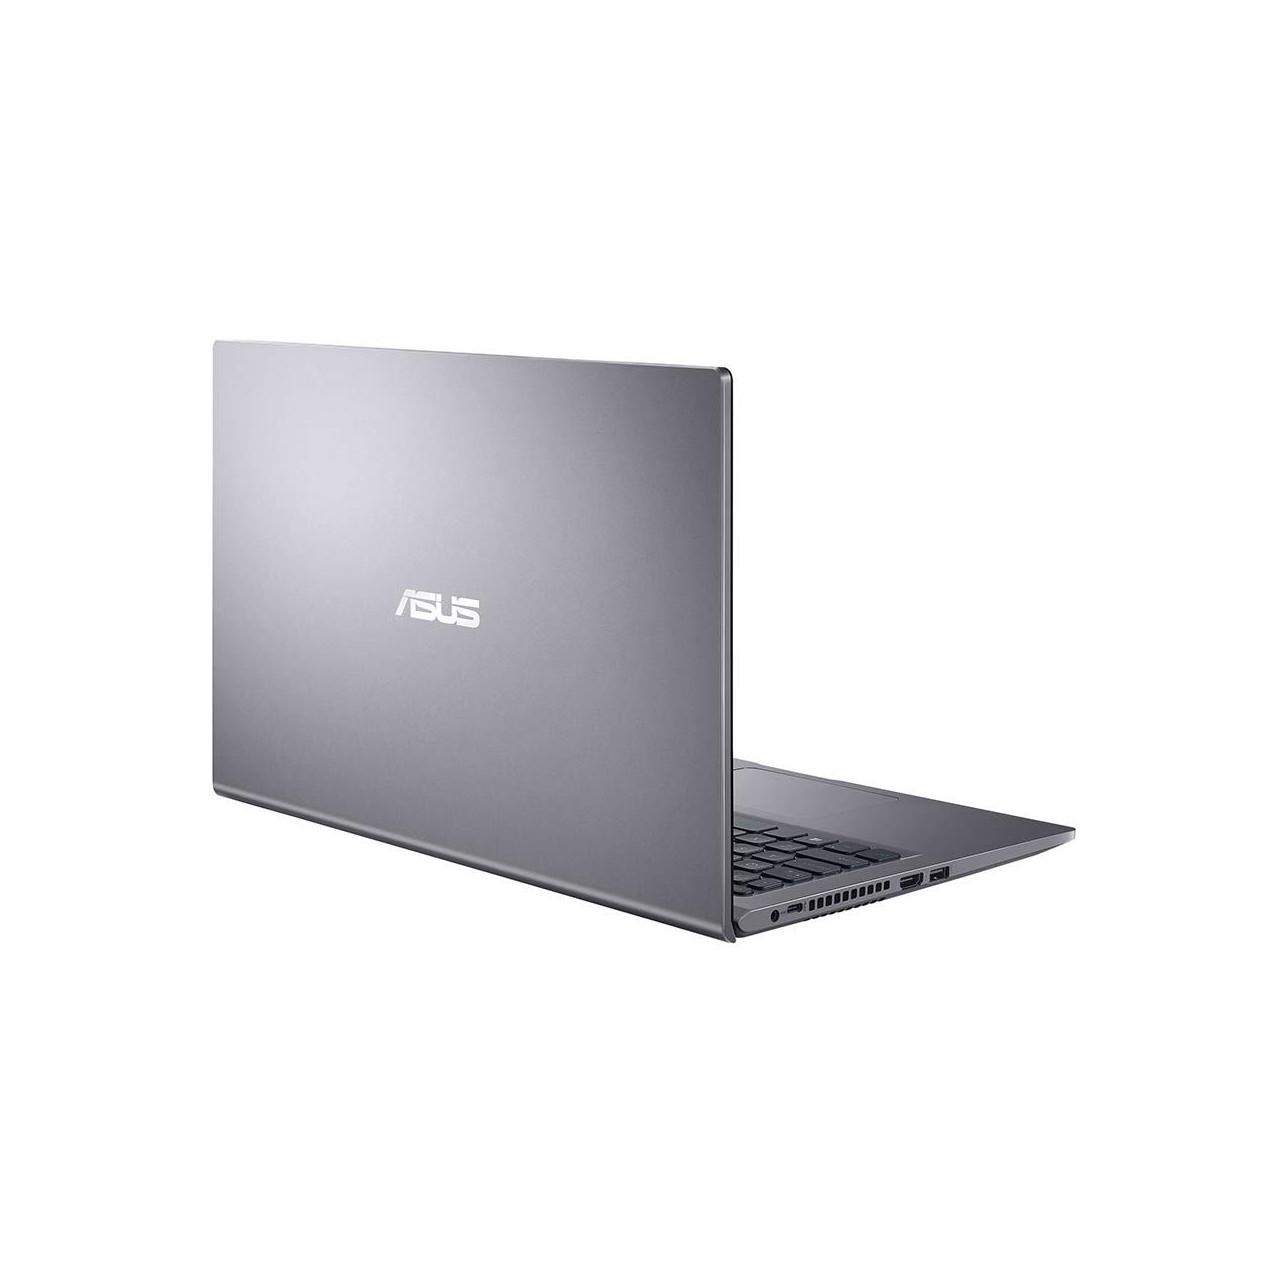 ASUS-X515JA-EJ001T